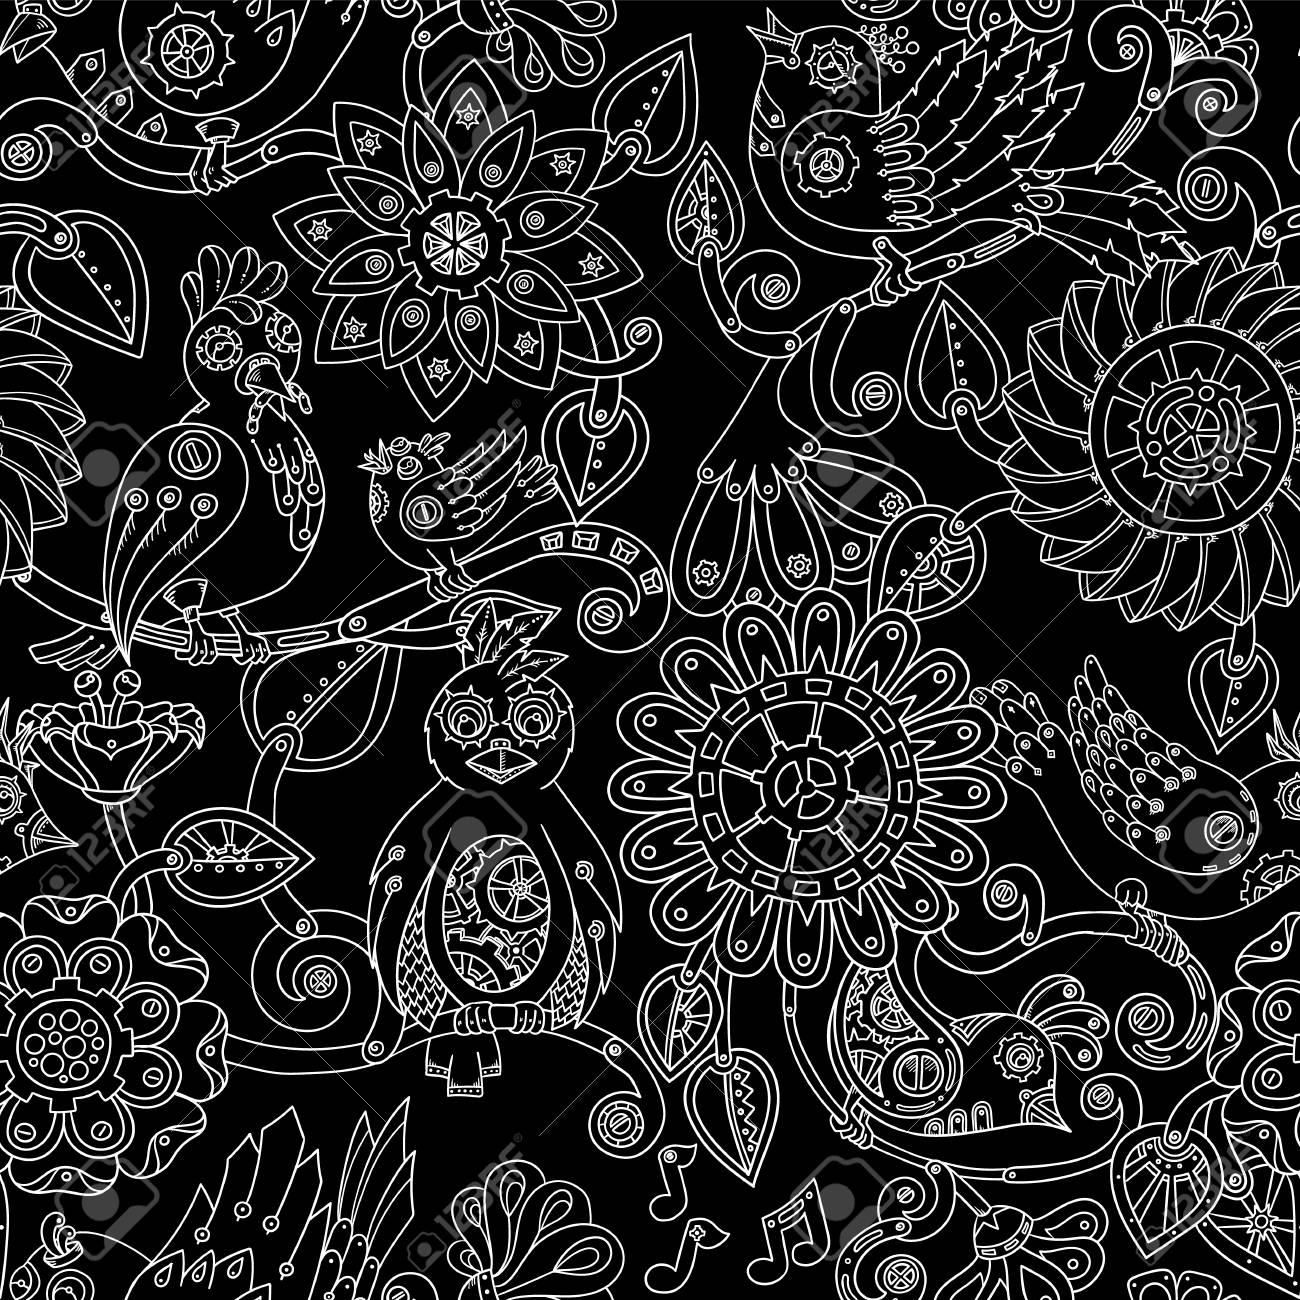 スチーム パンクな鳥と花のシームレスな背景を落書き 民族パターン ベクトルは 壁紙 パターンの塗りつぶし 招待状 書籍の表紙 Web ページを使用できます 手の描かれたパターン のイラスト素材 ベクタ Image